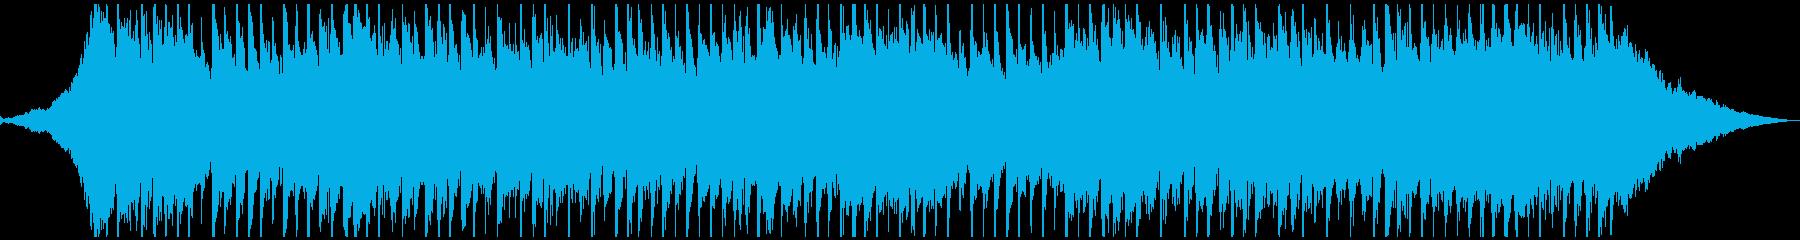 カントリー コーポレート アクティ...の再生済みの波形